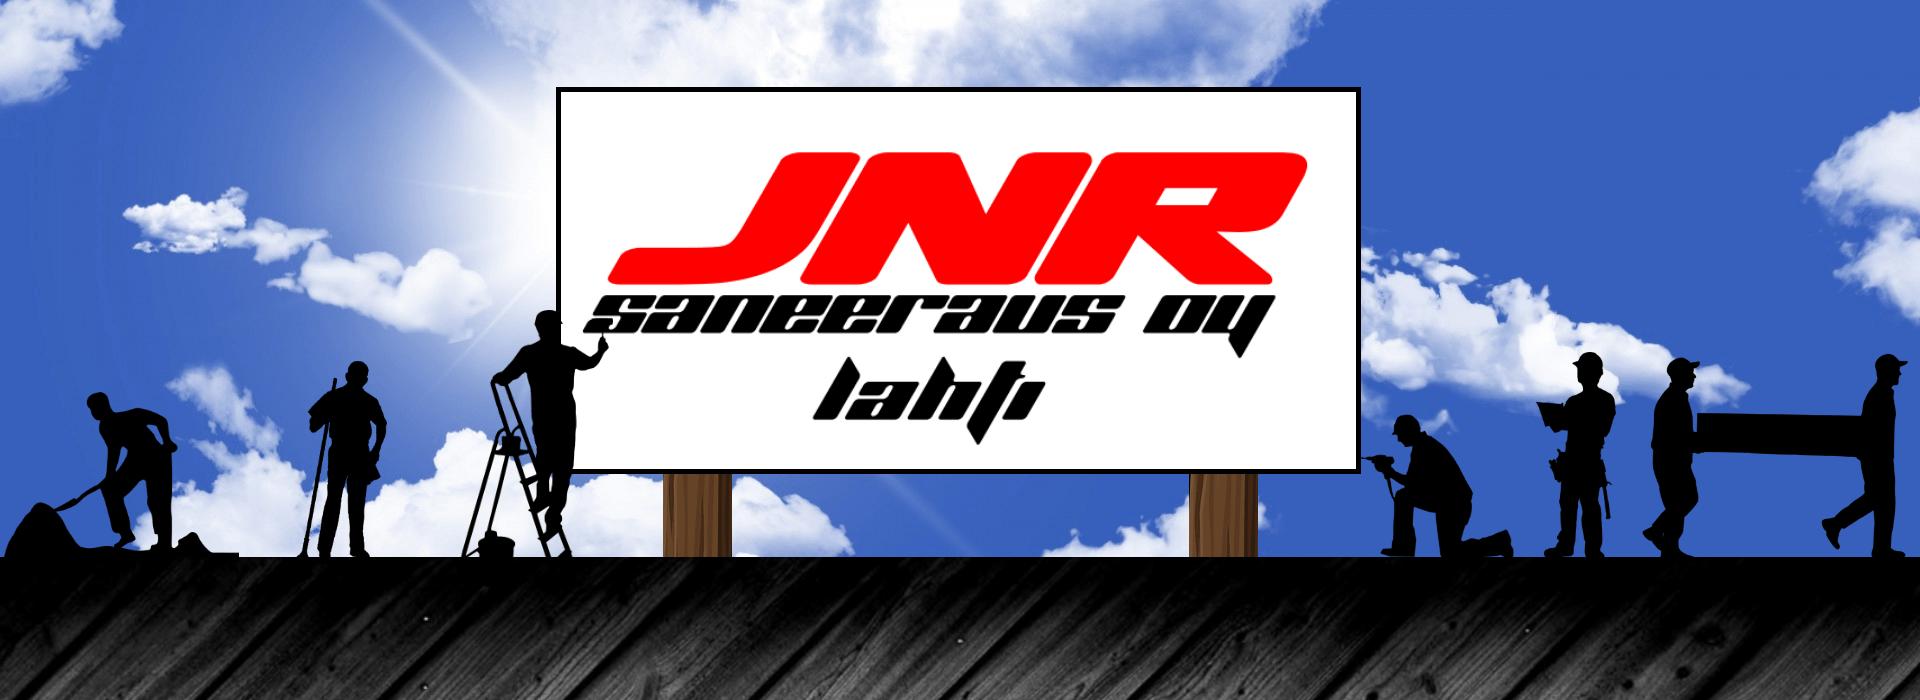 JNR-Saneeraus Oy Lahti